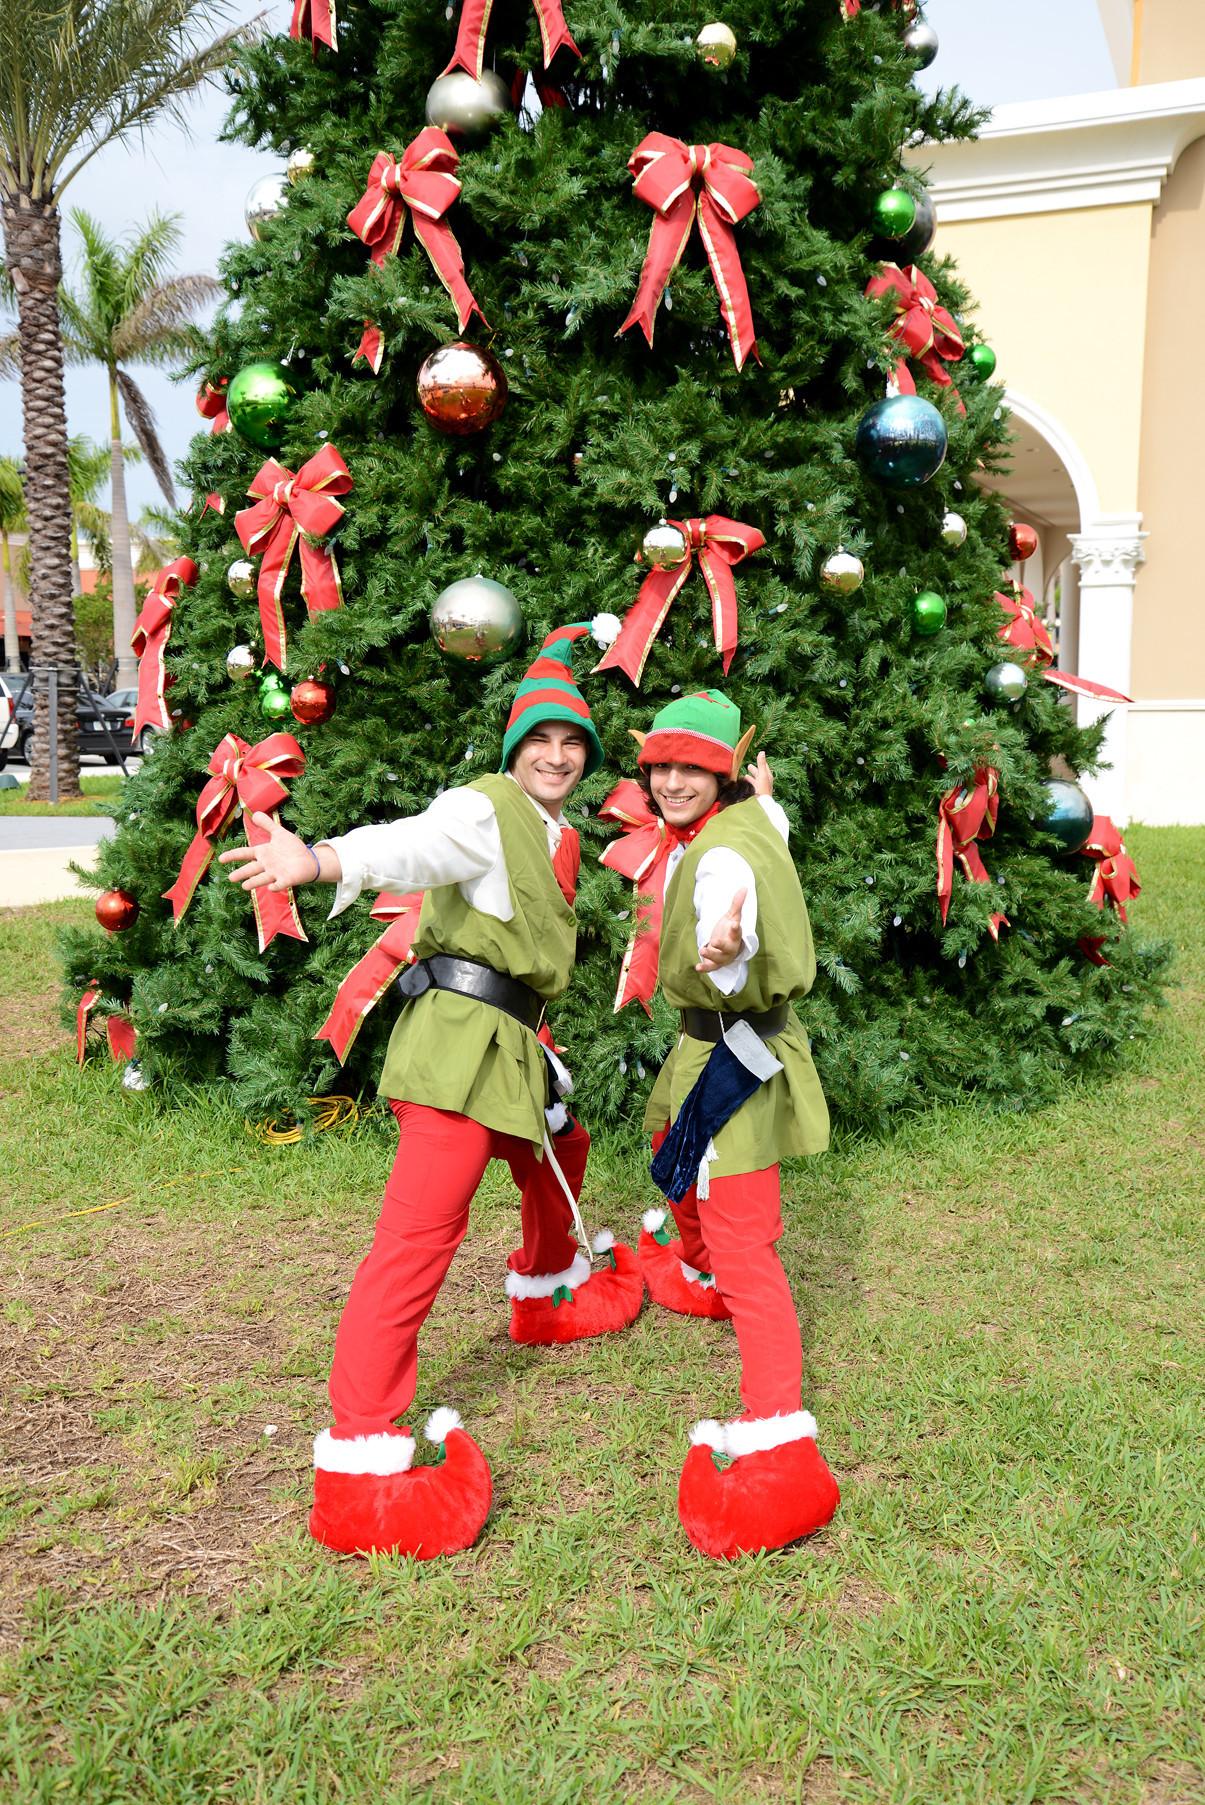 Florida christmas ornament - Florida Christmas Ornament 38